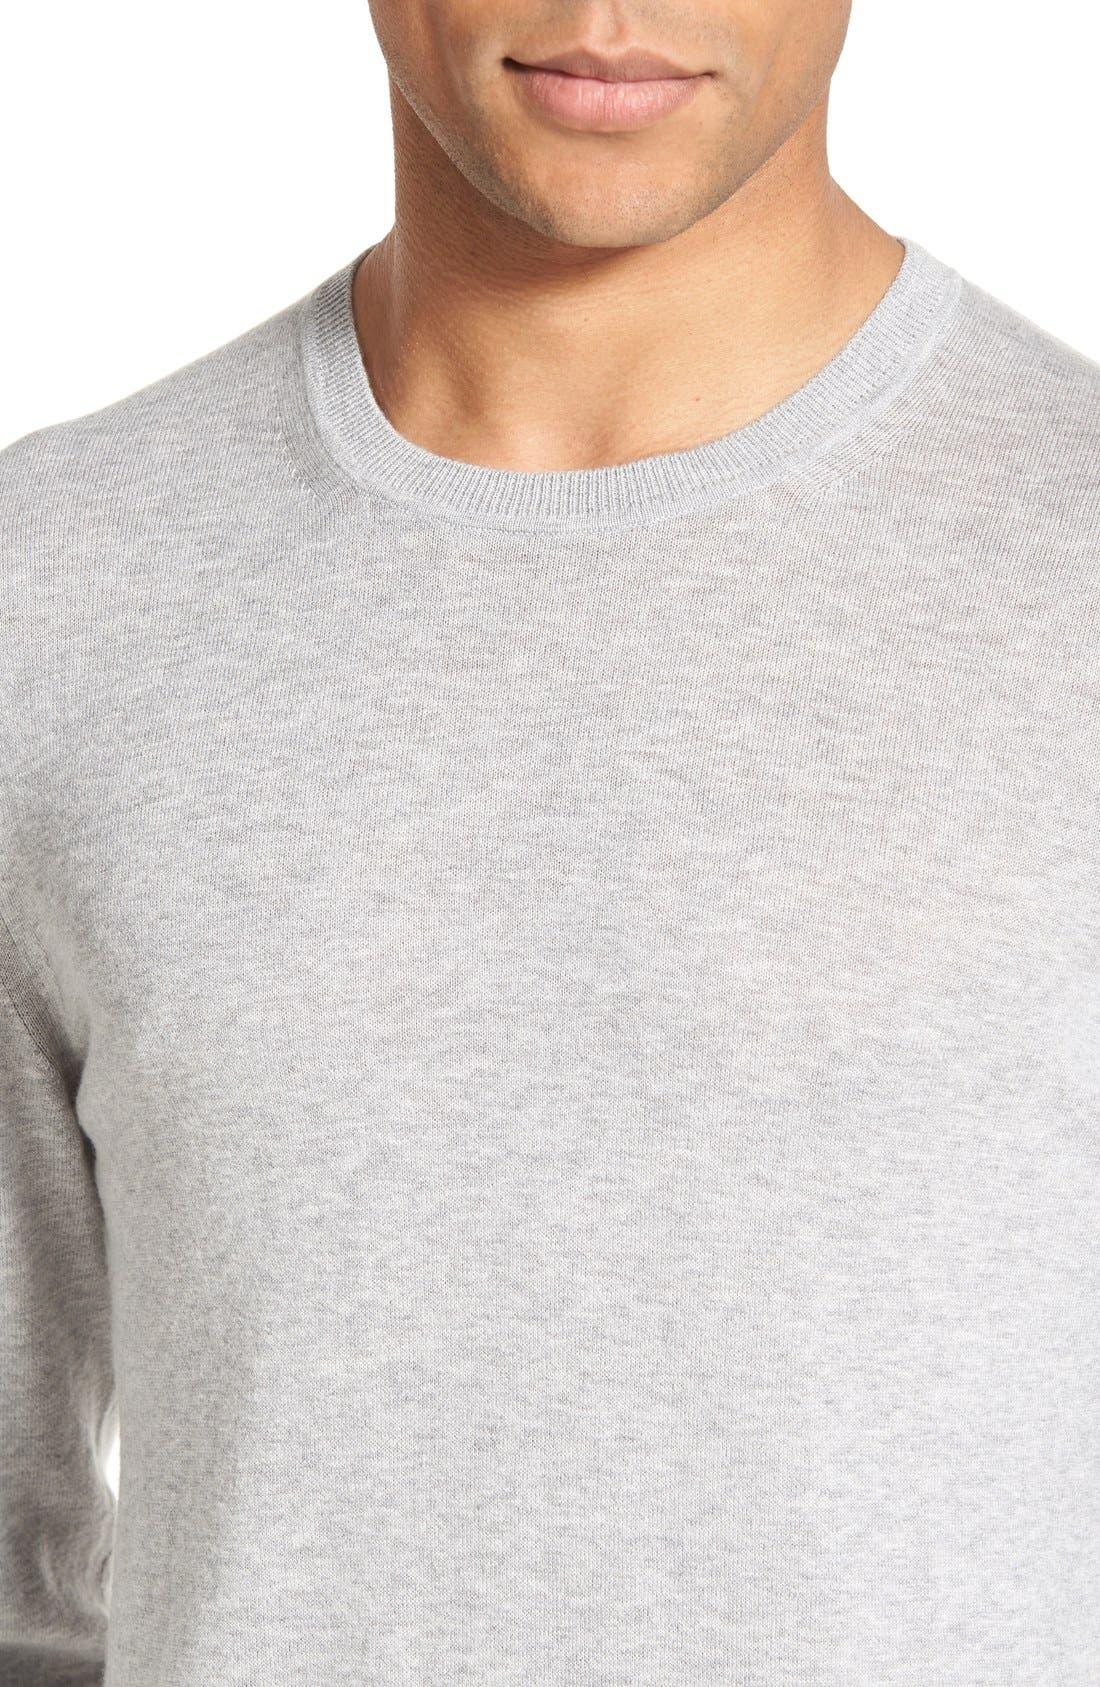 Brit Richmond Cotton & Cashmere Sweater,                             Alternate thumbnail 4, color,                             Pale Grey Melange